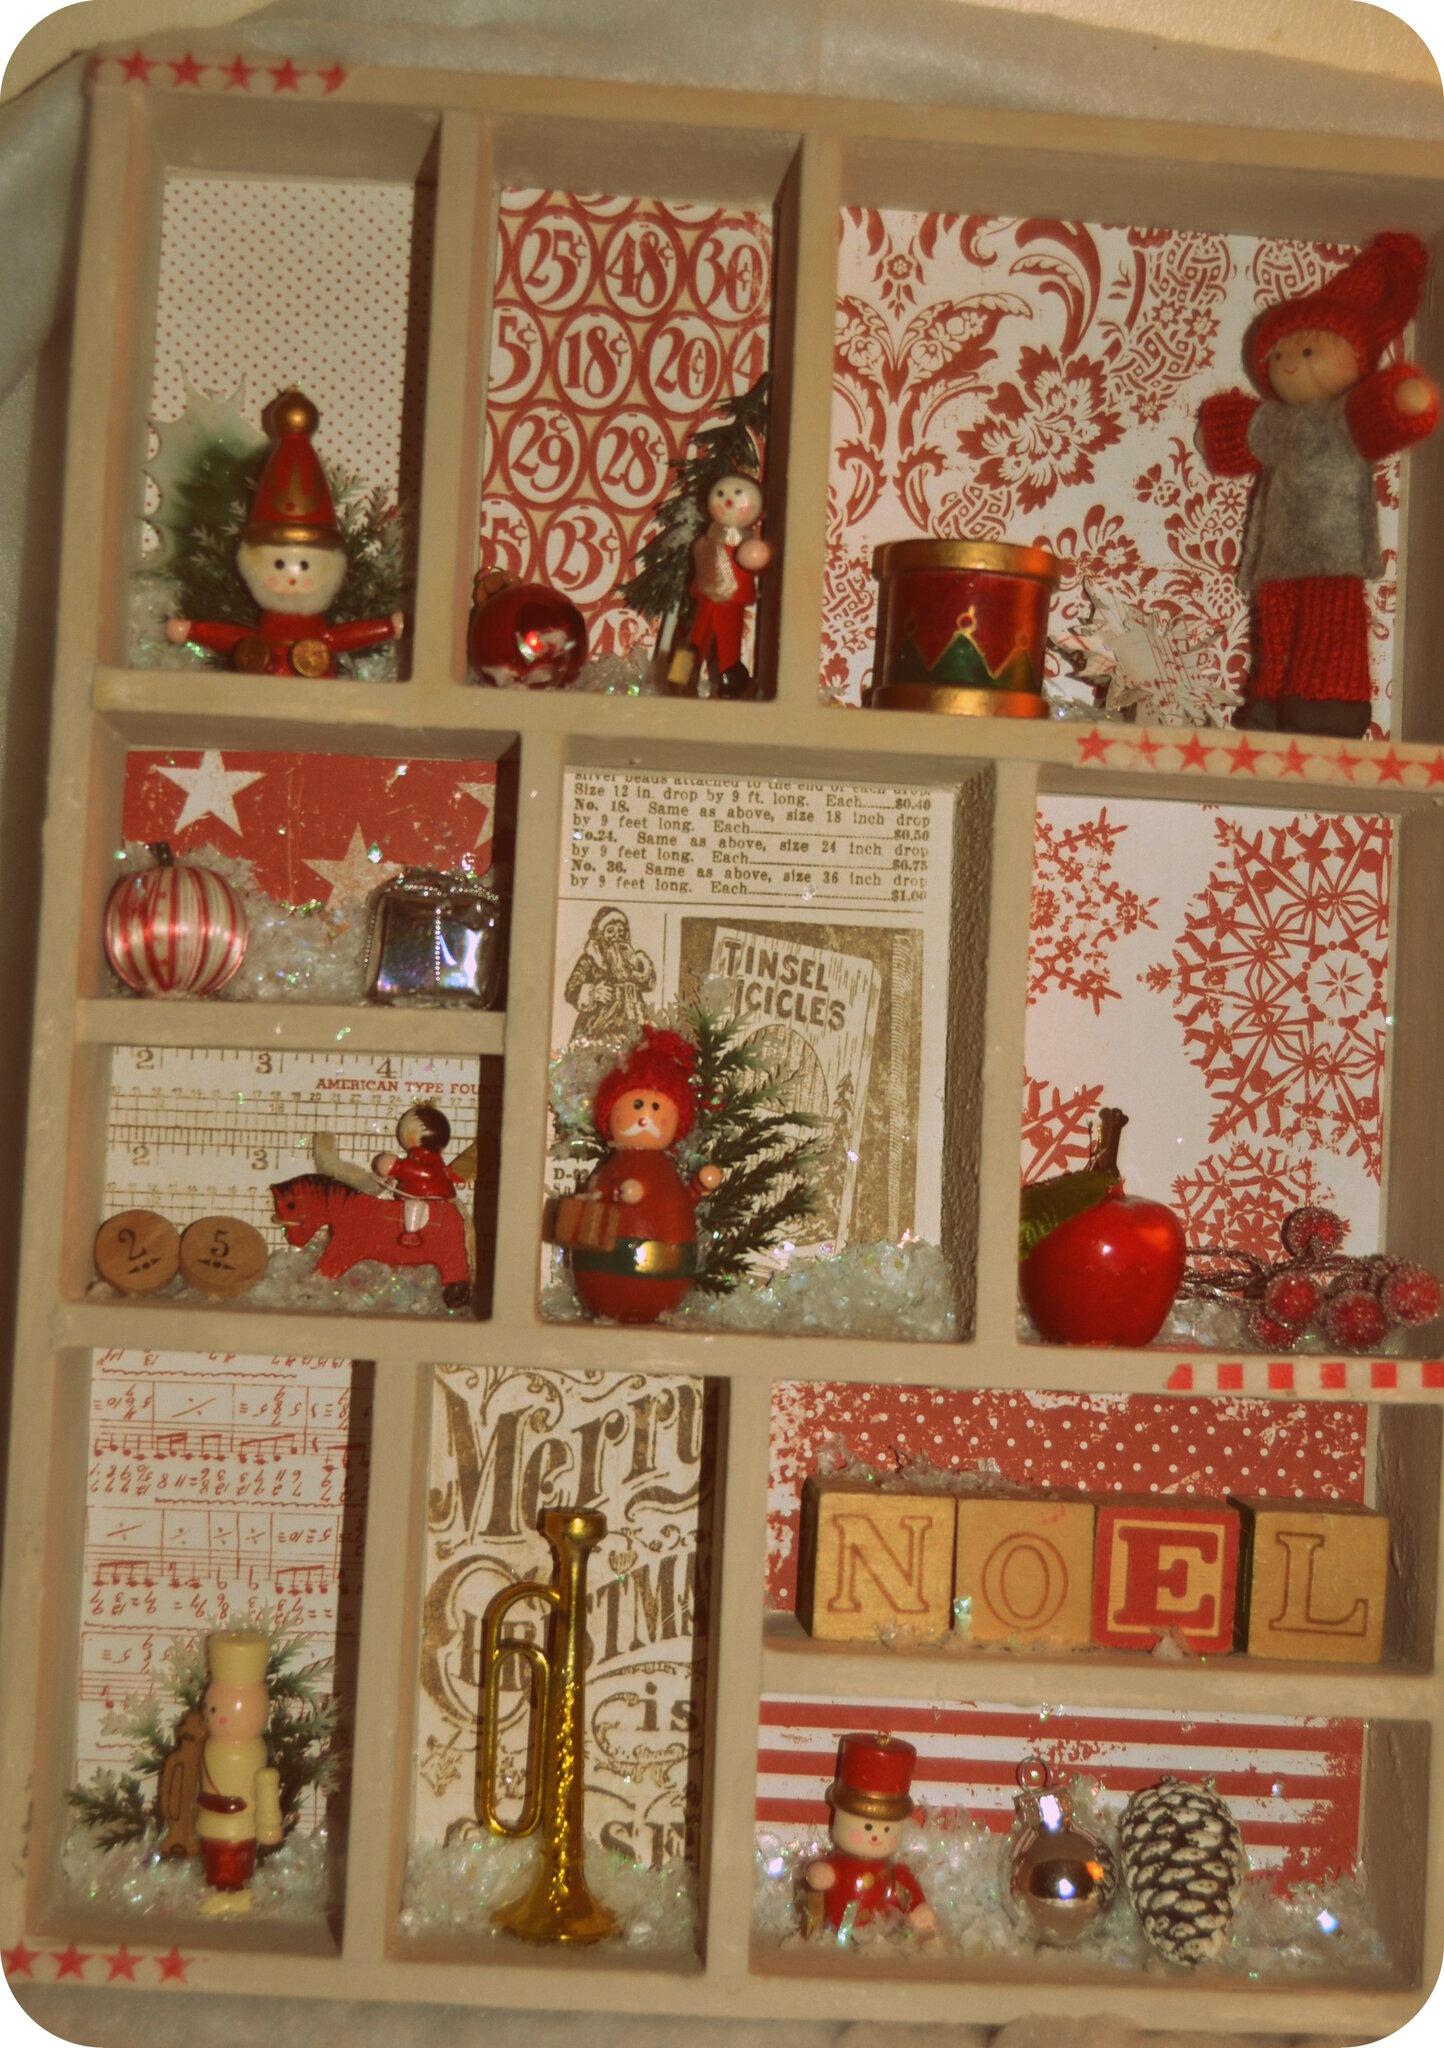 #AB3720 Decoration De Noel Vintage 5535 décorations de noel vintage 1444x2048 px @ aertt.com